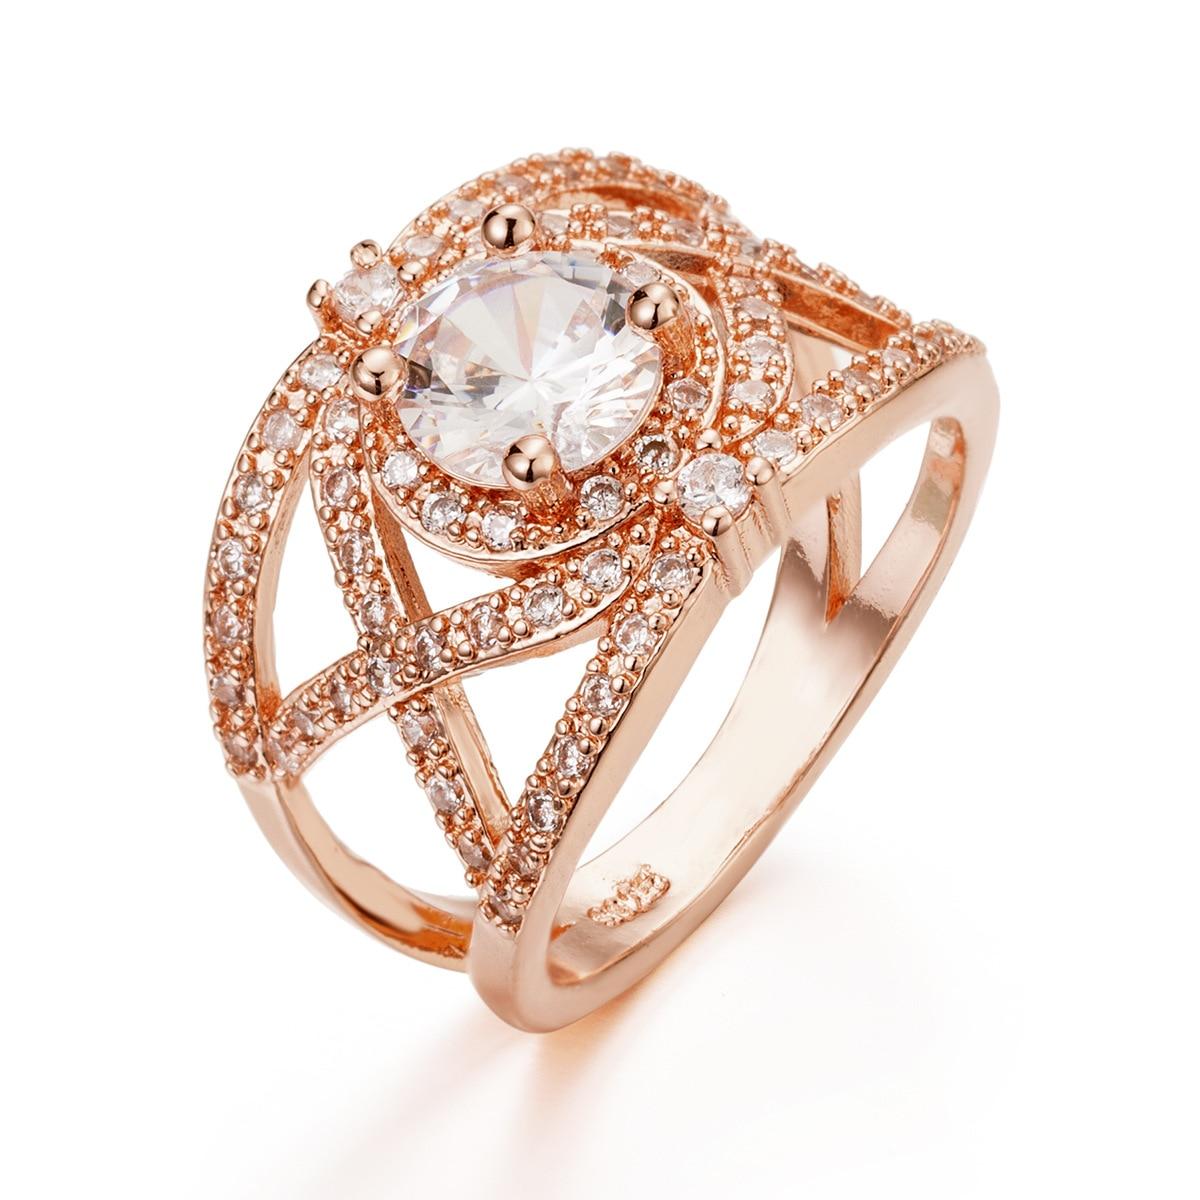 [해외]ZN 2019 Engagement Wedding Rings for Women anillos mujer Promise Vintage Ring Luxury Fashion Jewelry Accessories /ZN 2019 Engagement Wedding Rings